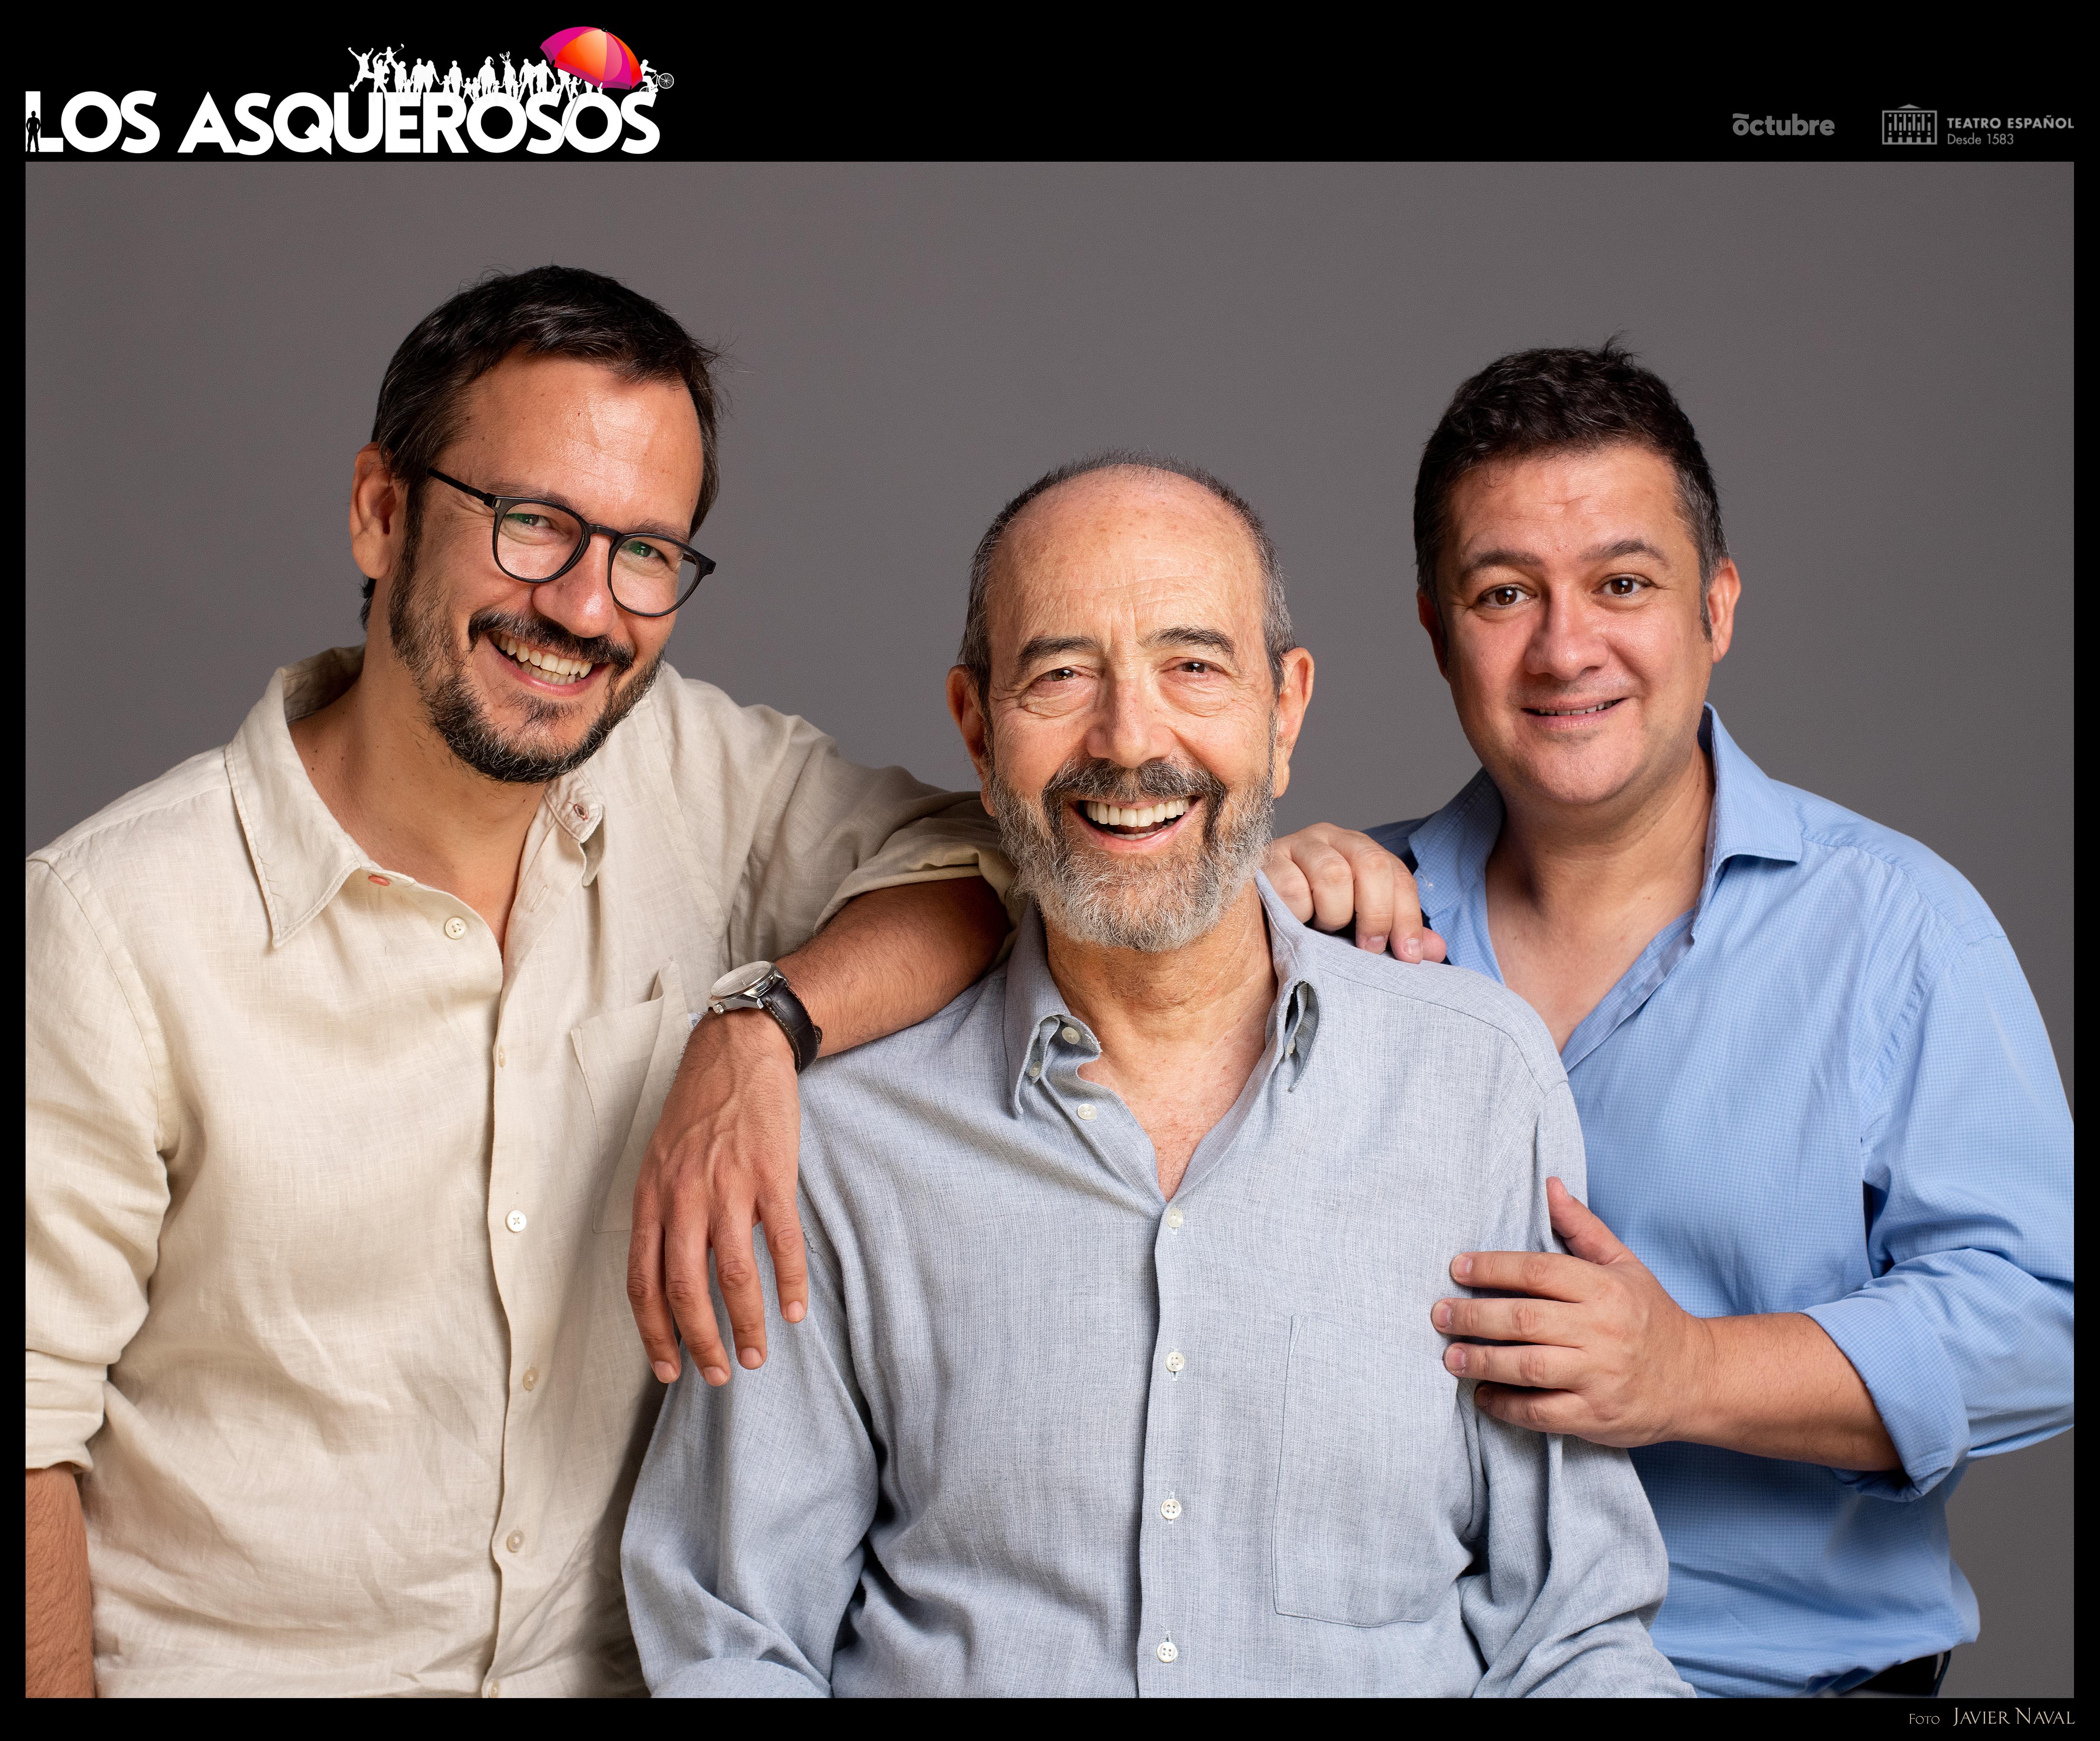 LOS ASQUEROSOS en el Teatro Español